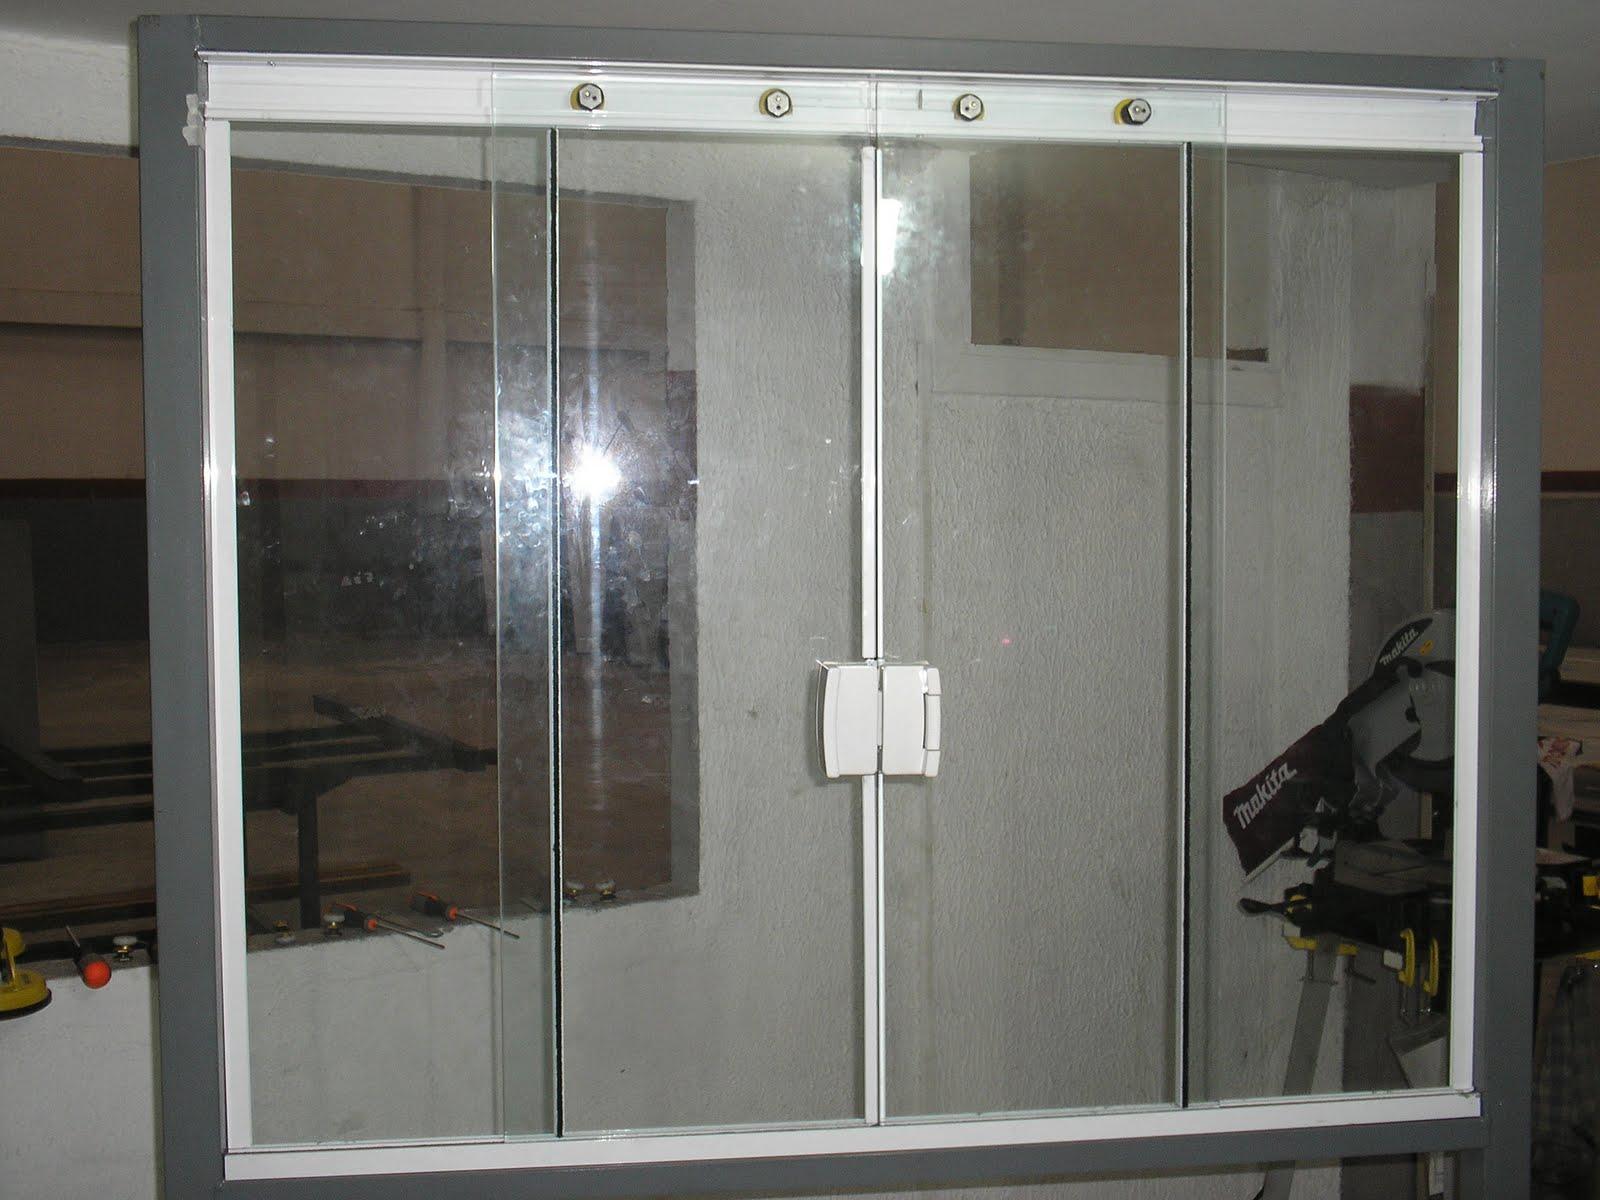 #5A4F42 Design Aluminium: Janela 4 folhas vidro temperado 4244 Janela Aluminio 2 Folhas Preço